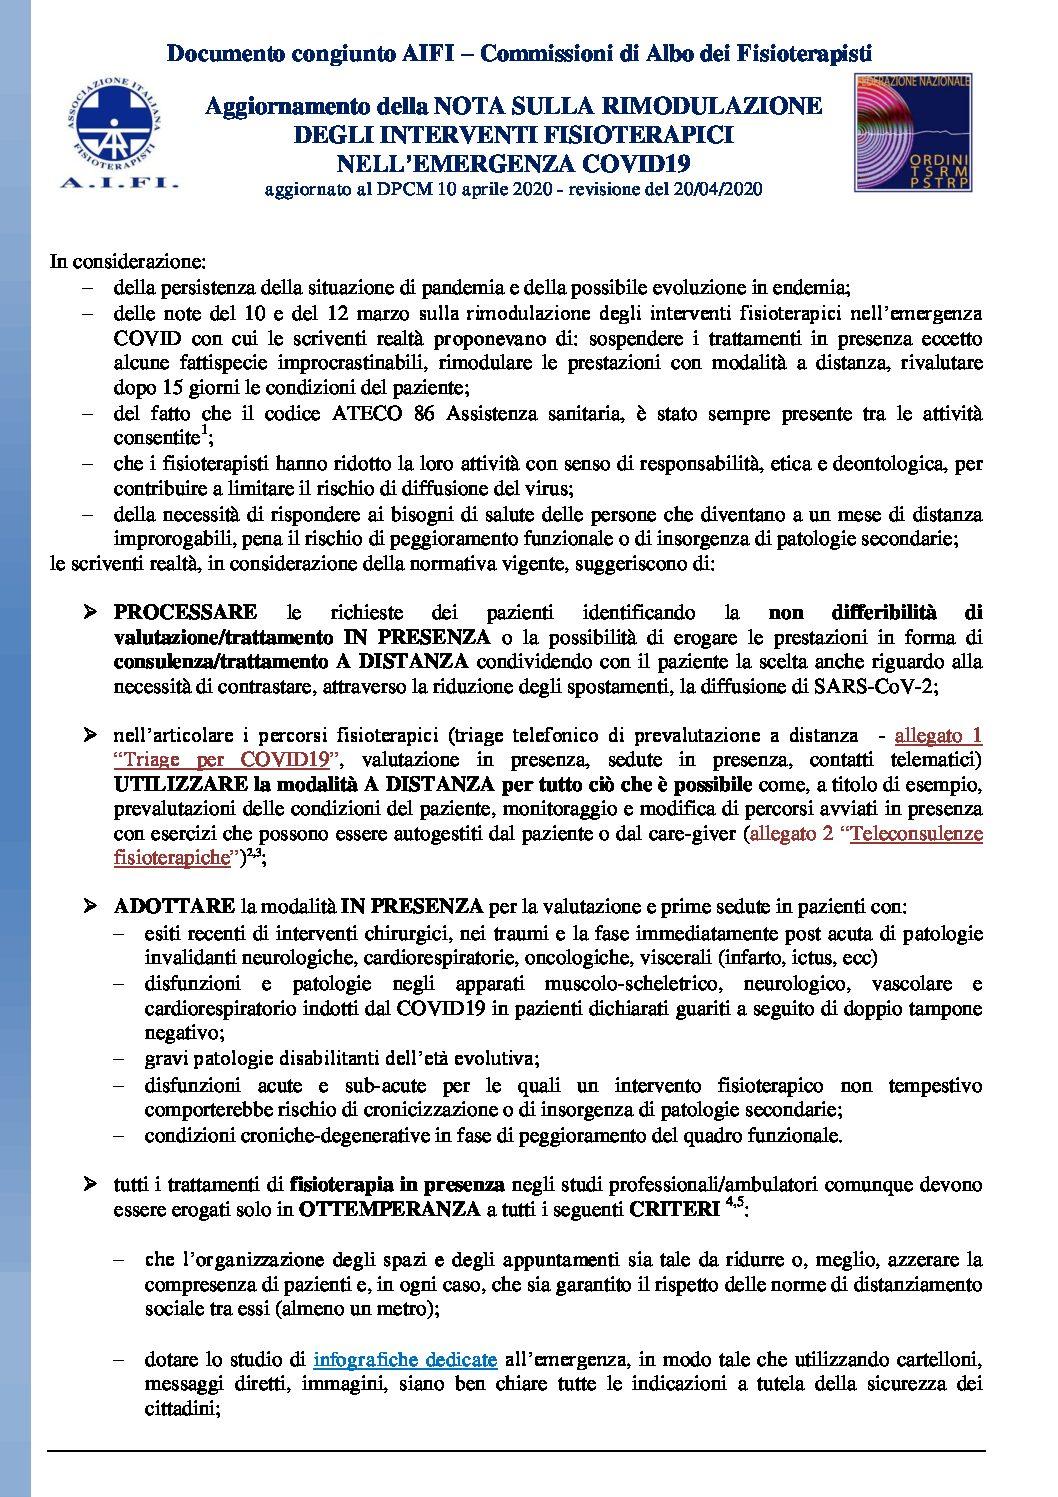 Aggiornamento rimodulazione interventi FT CDAFT AIFI 20 04 2020 finale pdf